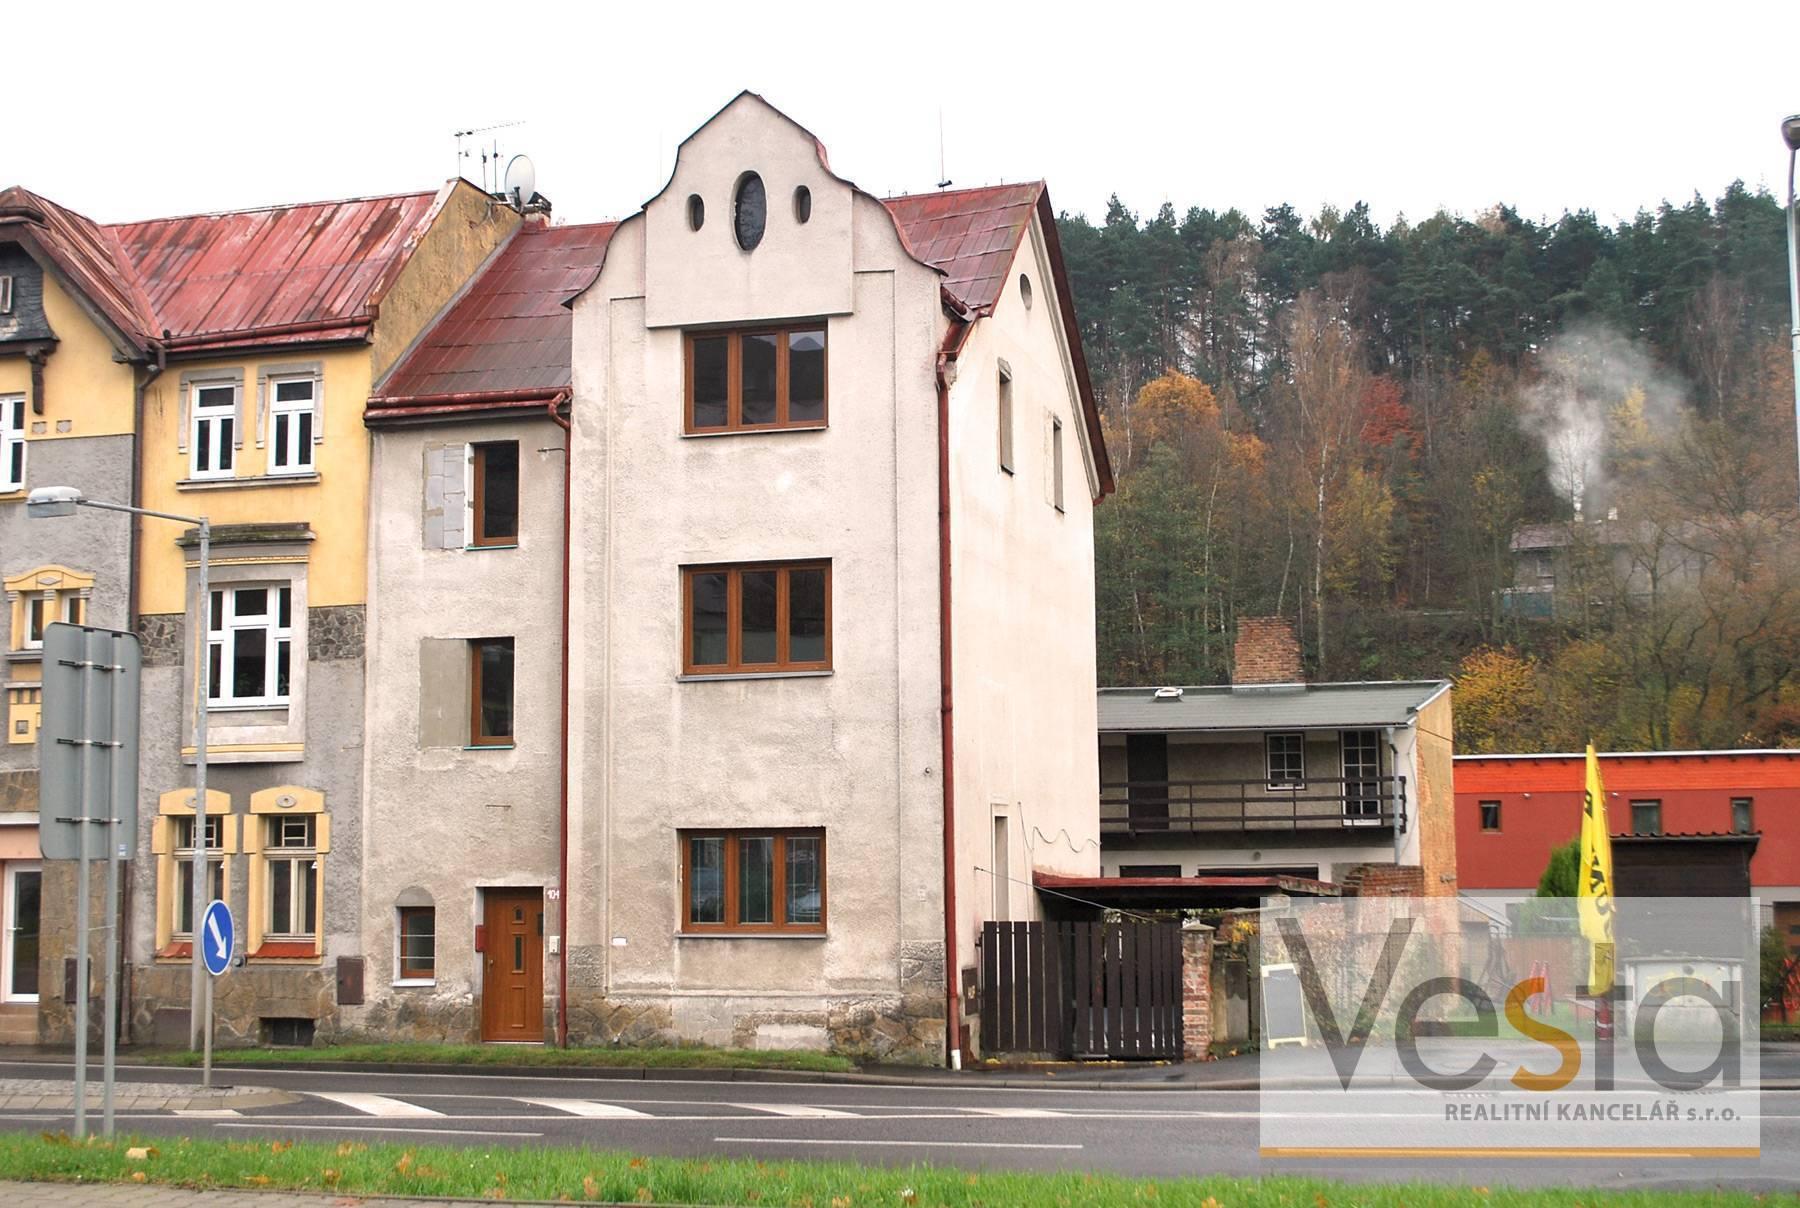 Bytový dům (3 x 2+1), zahrada, dílna, Děčín IX - Bynov